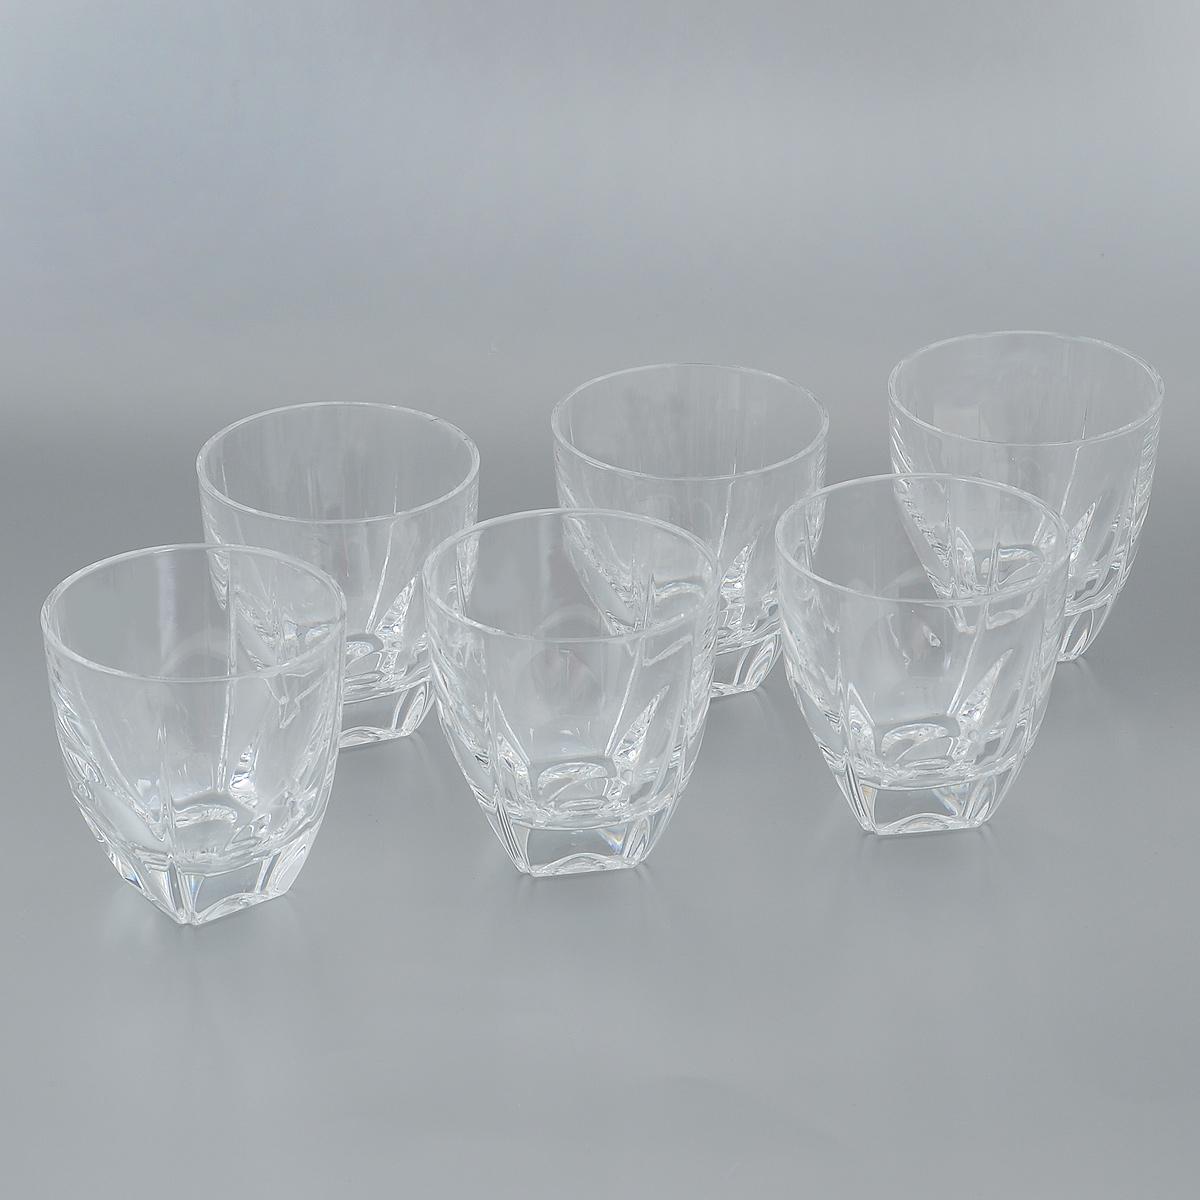 Набор стаканов Crystal Bohemia, 270 мл, 6 шт990/20500/0/37700/270-609Набор Crystal Bohemia состоит из шести стаканов. Изделия выполнены из прочного высококачественного хрусталя. Они излучают приятный блеск и издают мелодичный звон. Набор предназначен для подачи виски, бренди или коктейлей. Набор Crystal Bohemia прекрасно оформит интерьер кабинета или гостиной и станет отличным дополнением бара. Такой набор также станет хорошим подарком к любому случаю. Диаметр по верхнему краю: 8,5 см.Высота стакана: 9 см.Размер основания: 3,8 см х 3,8 см.